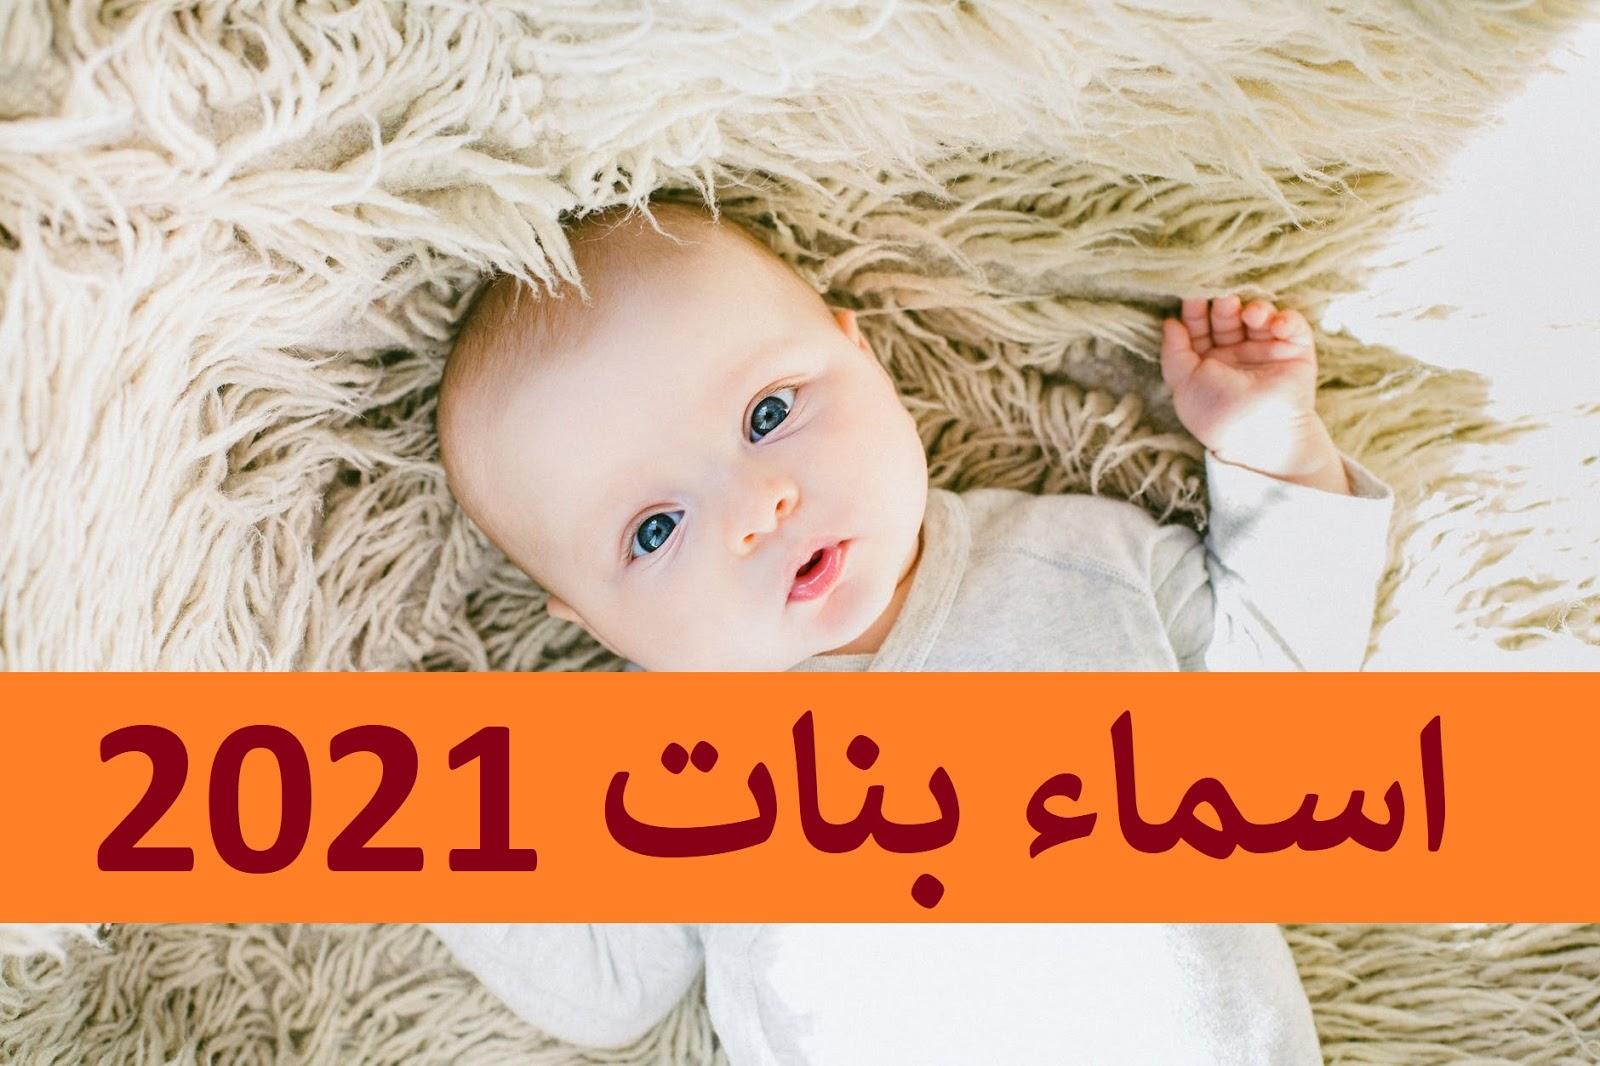 أجمل أسماء بنات 2021 .. جديدة ومعانيها حلوة